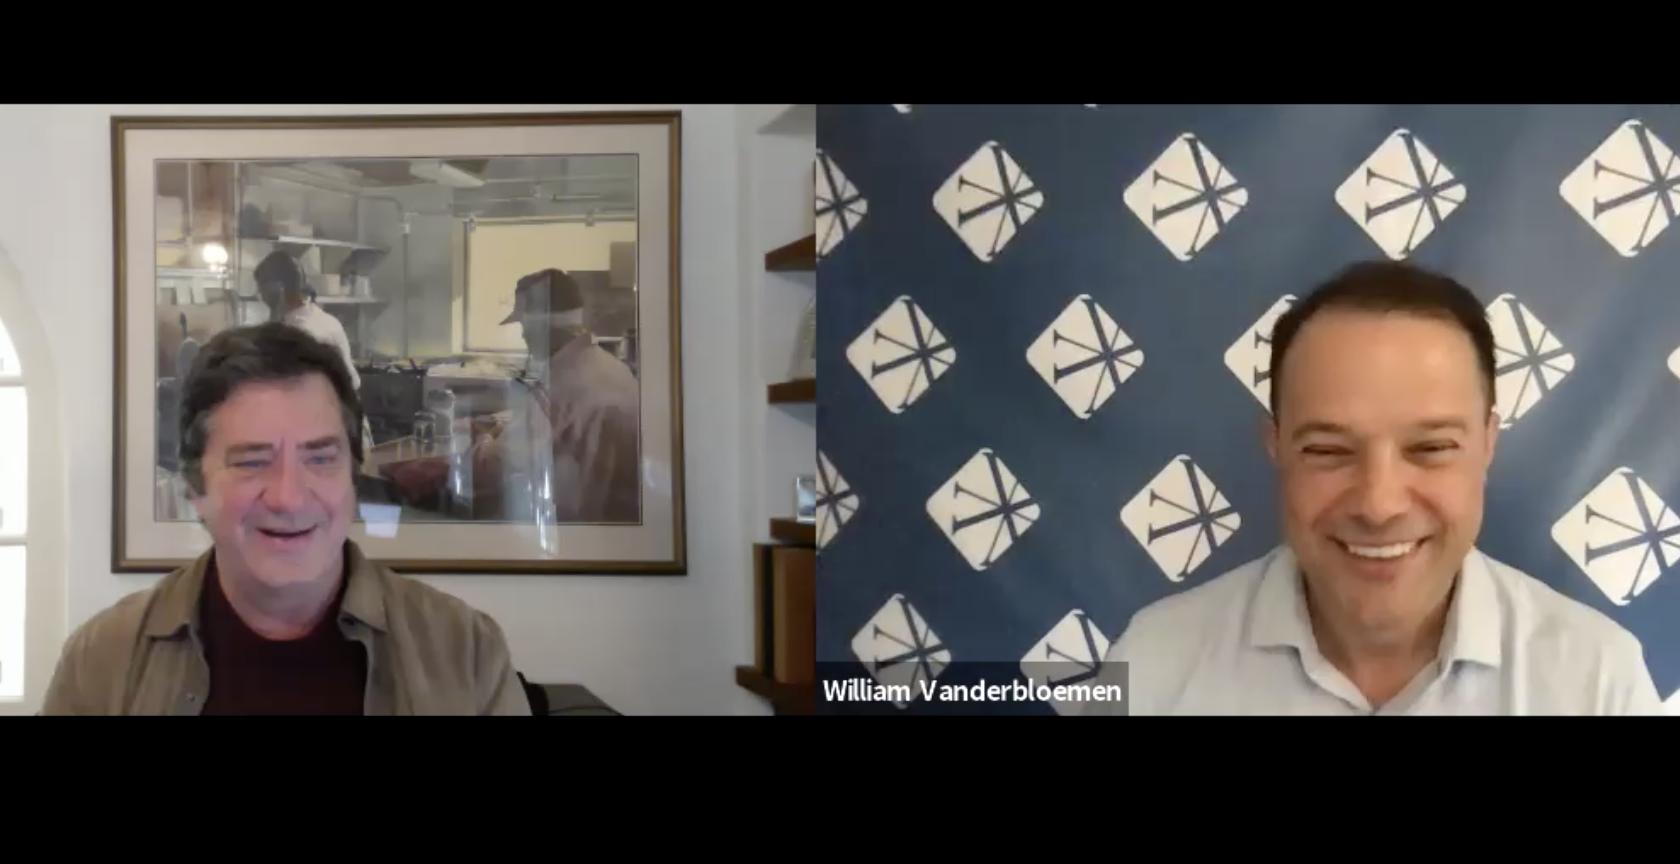 Dr. Henry Cloud and William Vanderbloemen